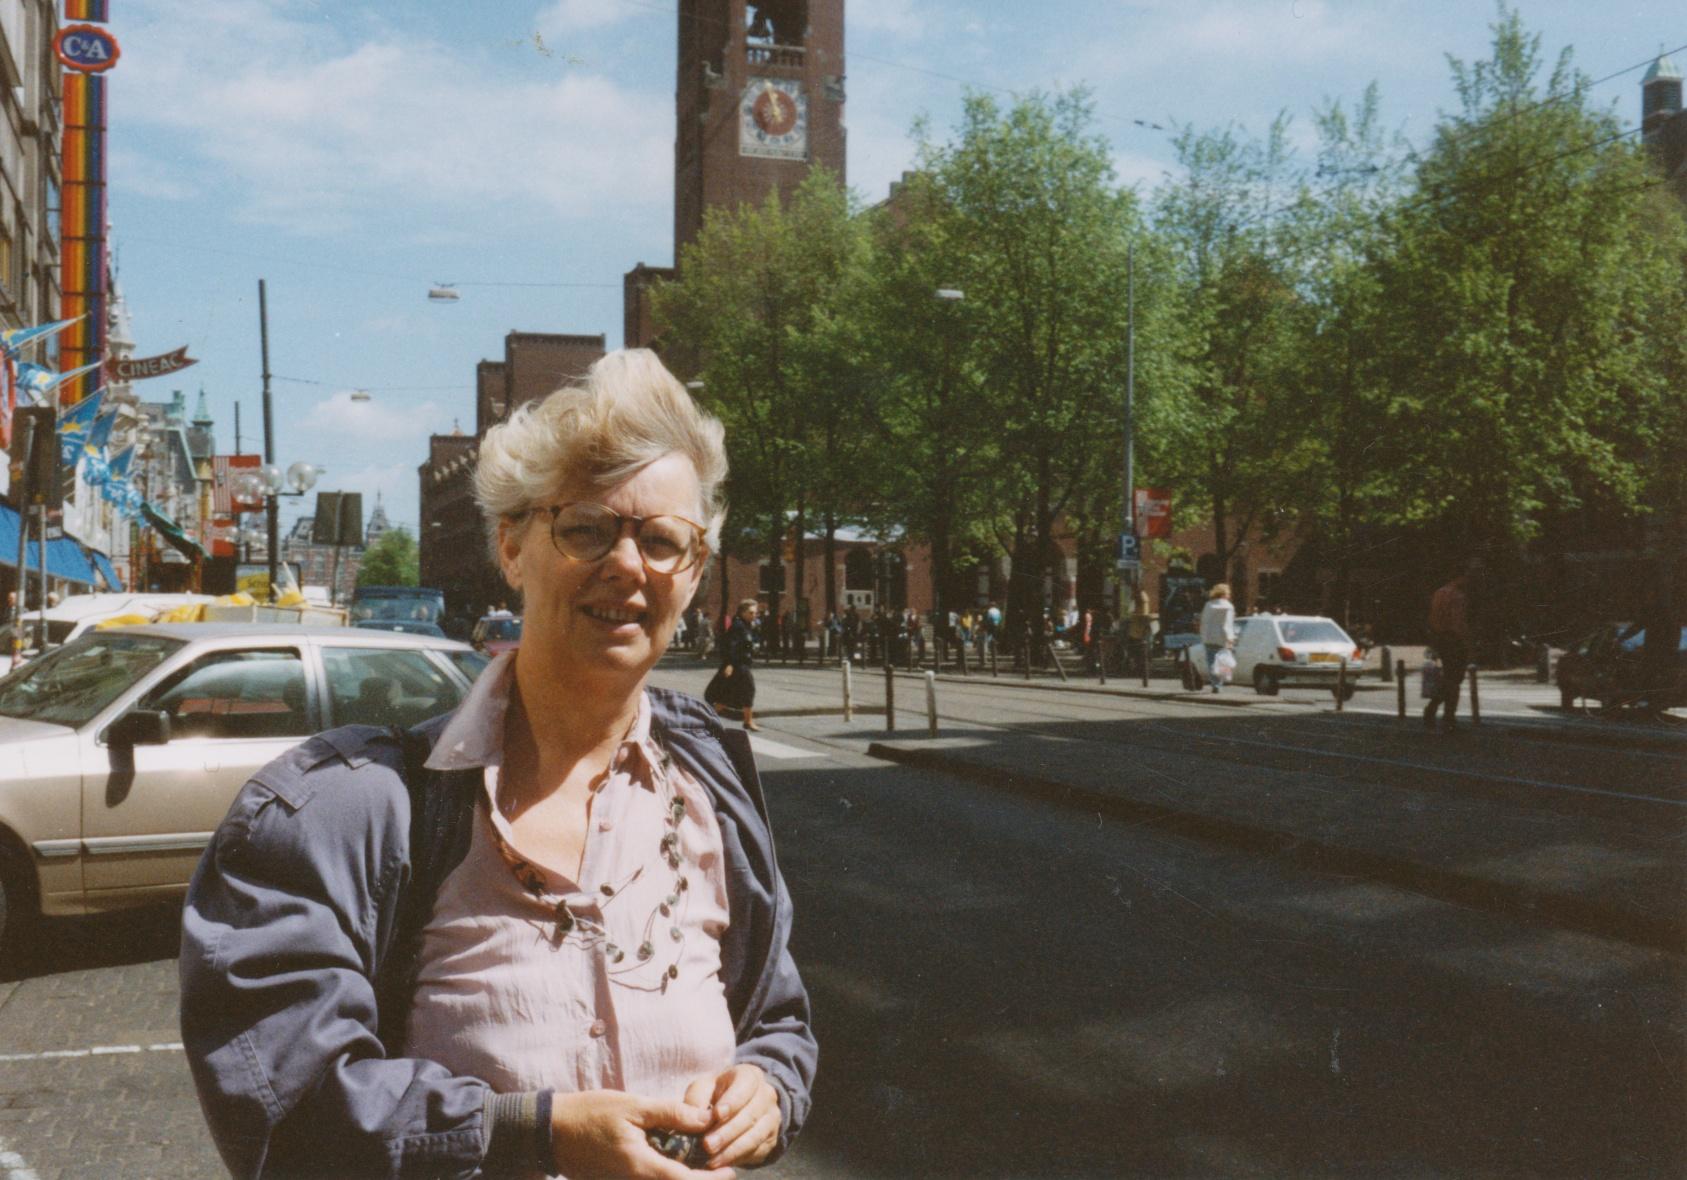 Claartje Keur, Zelfportret met halssieraad van Laura Bakker, Amsterdam, Damrak, 22 mei 1991. Foto Claartje Keur